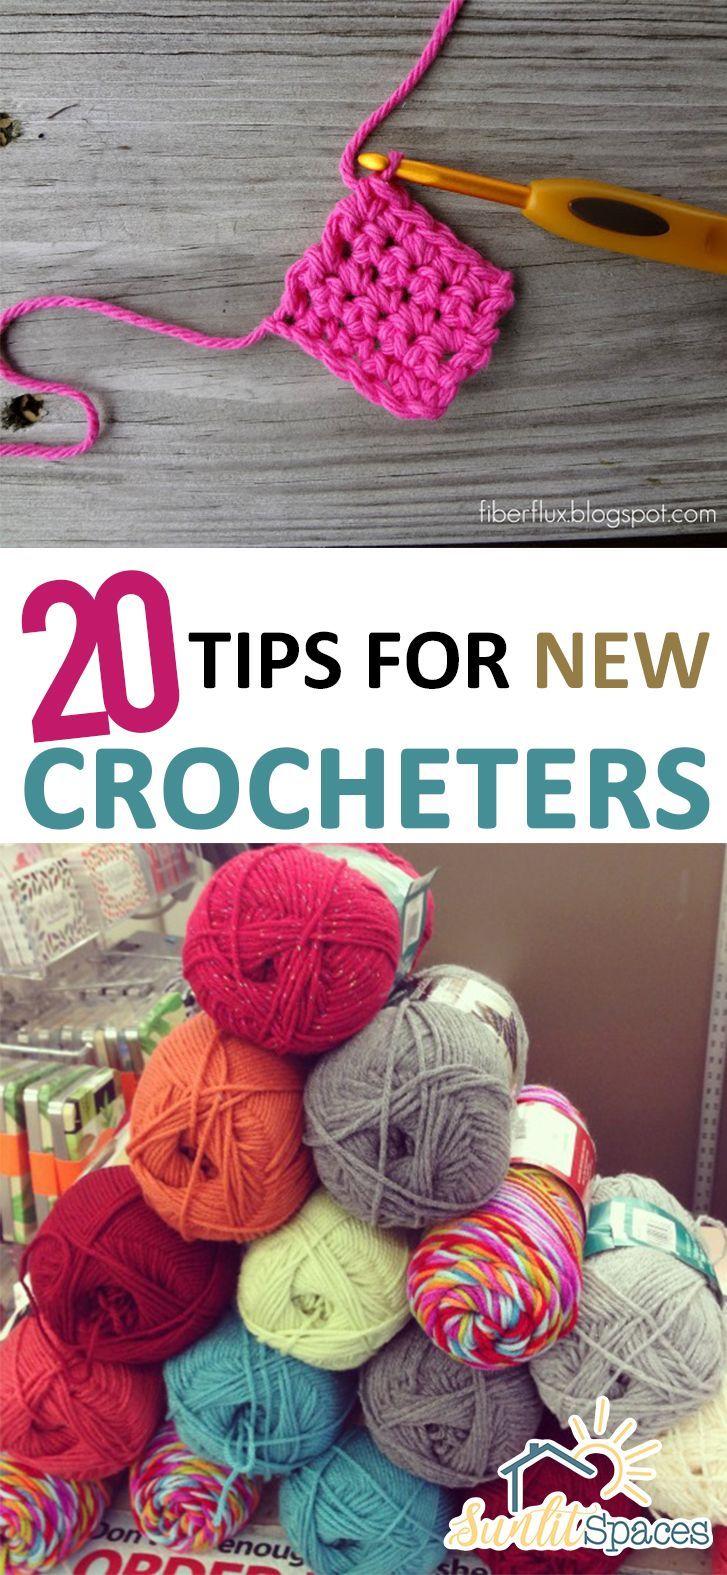 Knitting Tips And Tricks For Beginners : Best crochet knit images on pinterest chrochet